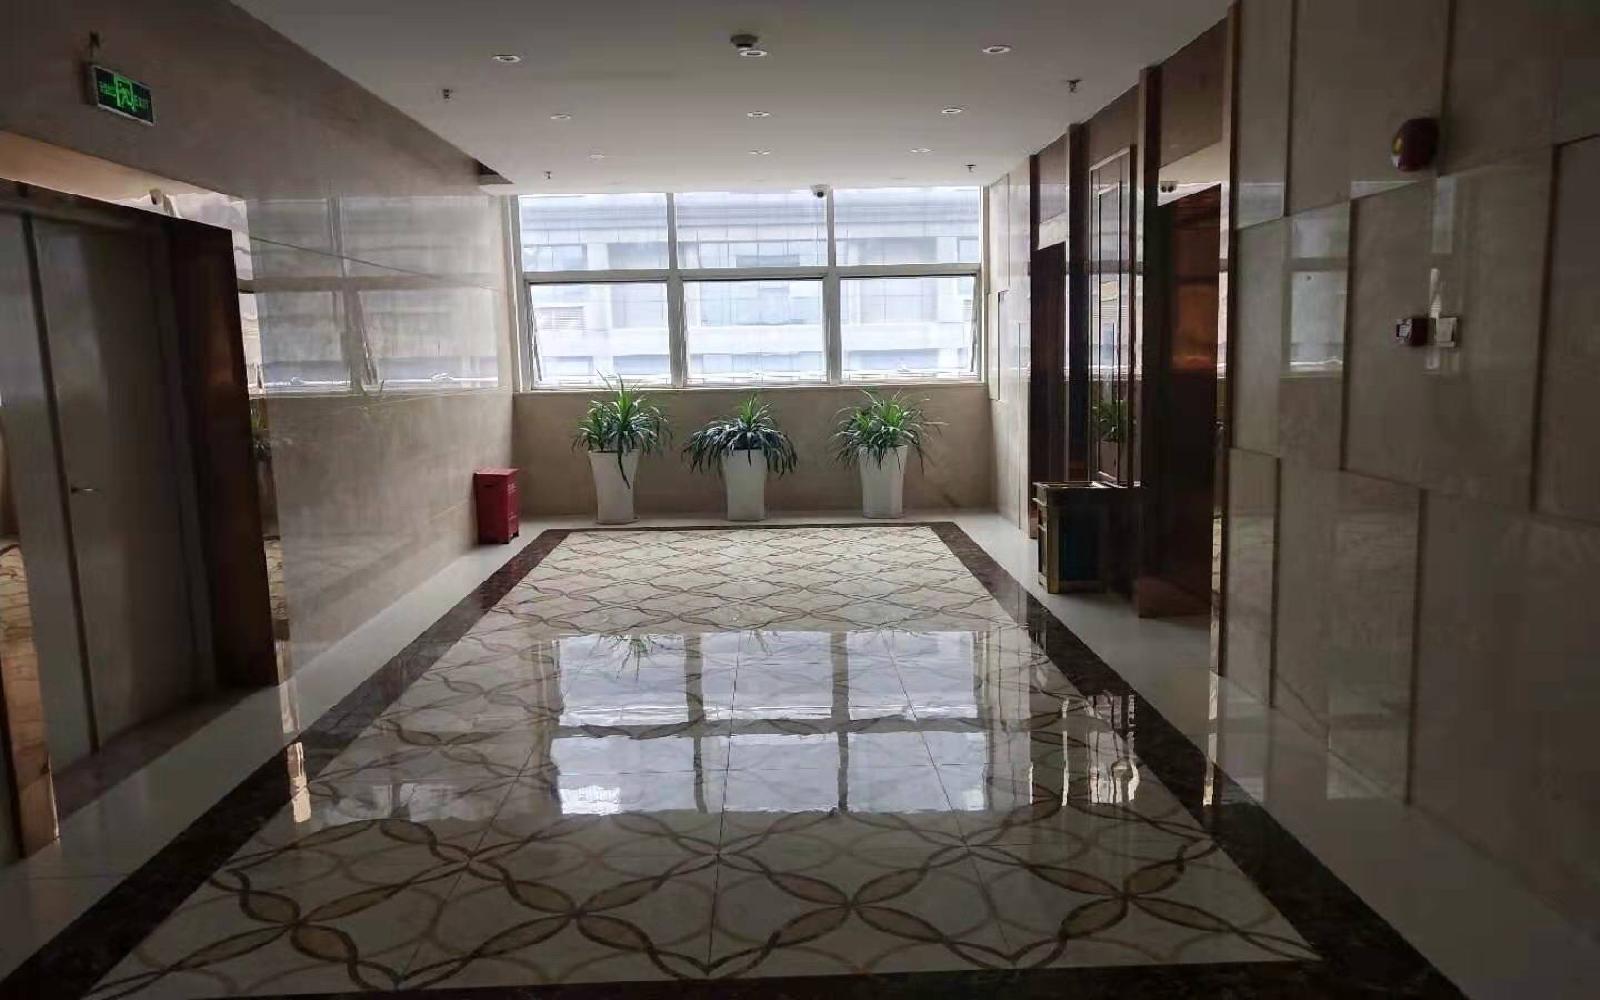 南山-科技园 惠恒大厦 122m²